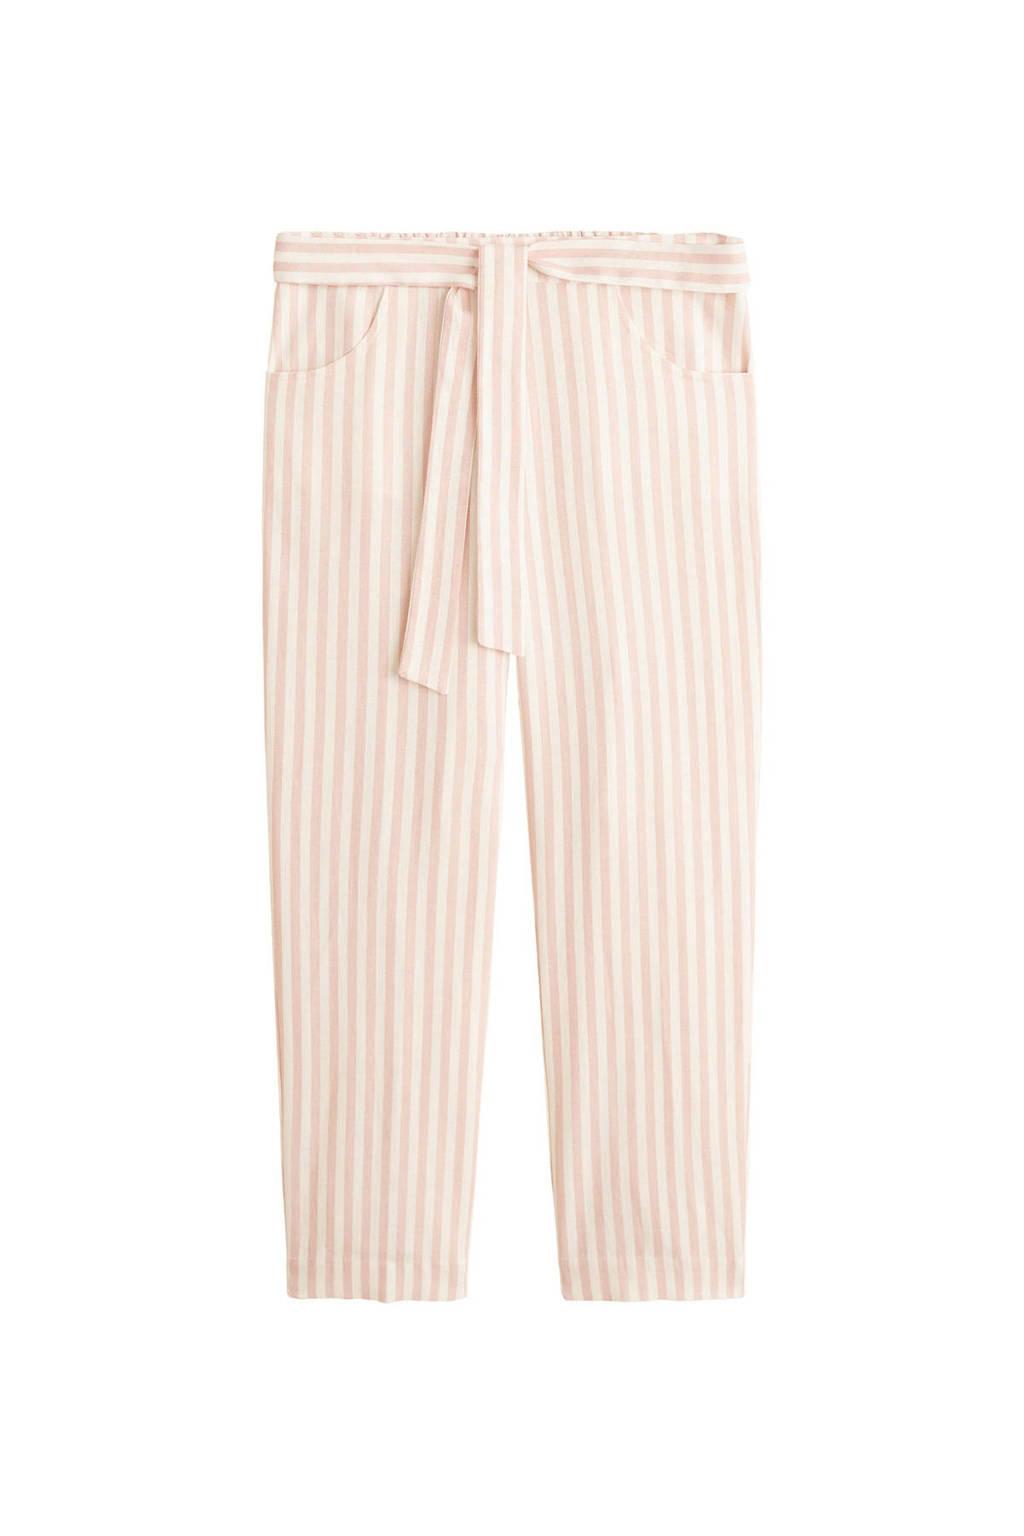 Mango gestreepte straight fit broek met linnen lichtroze, Lichtroze